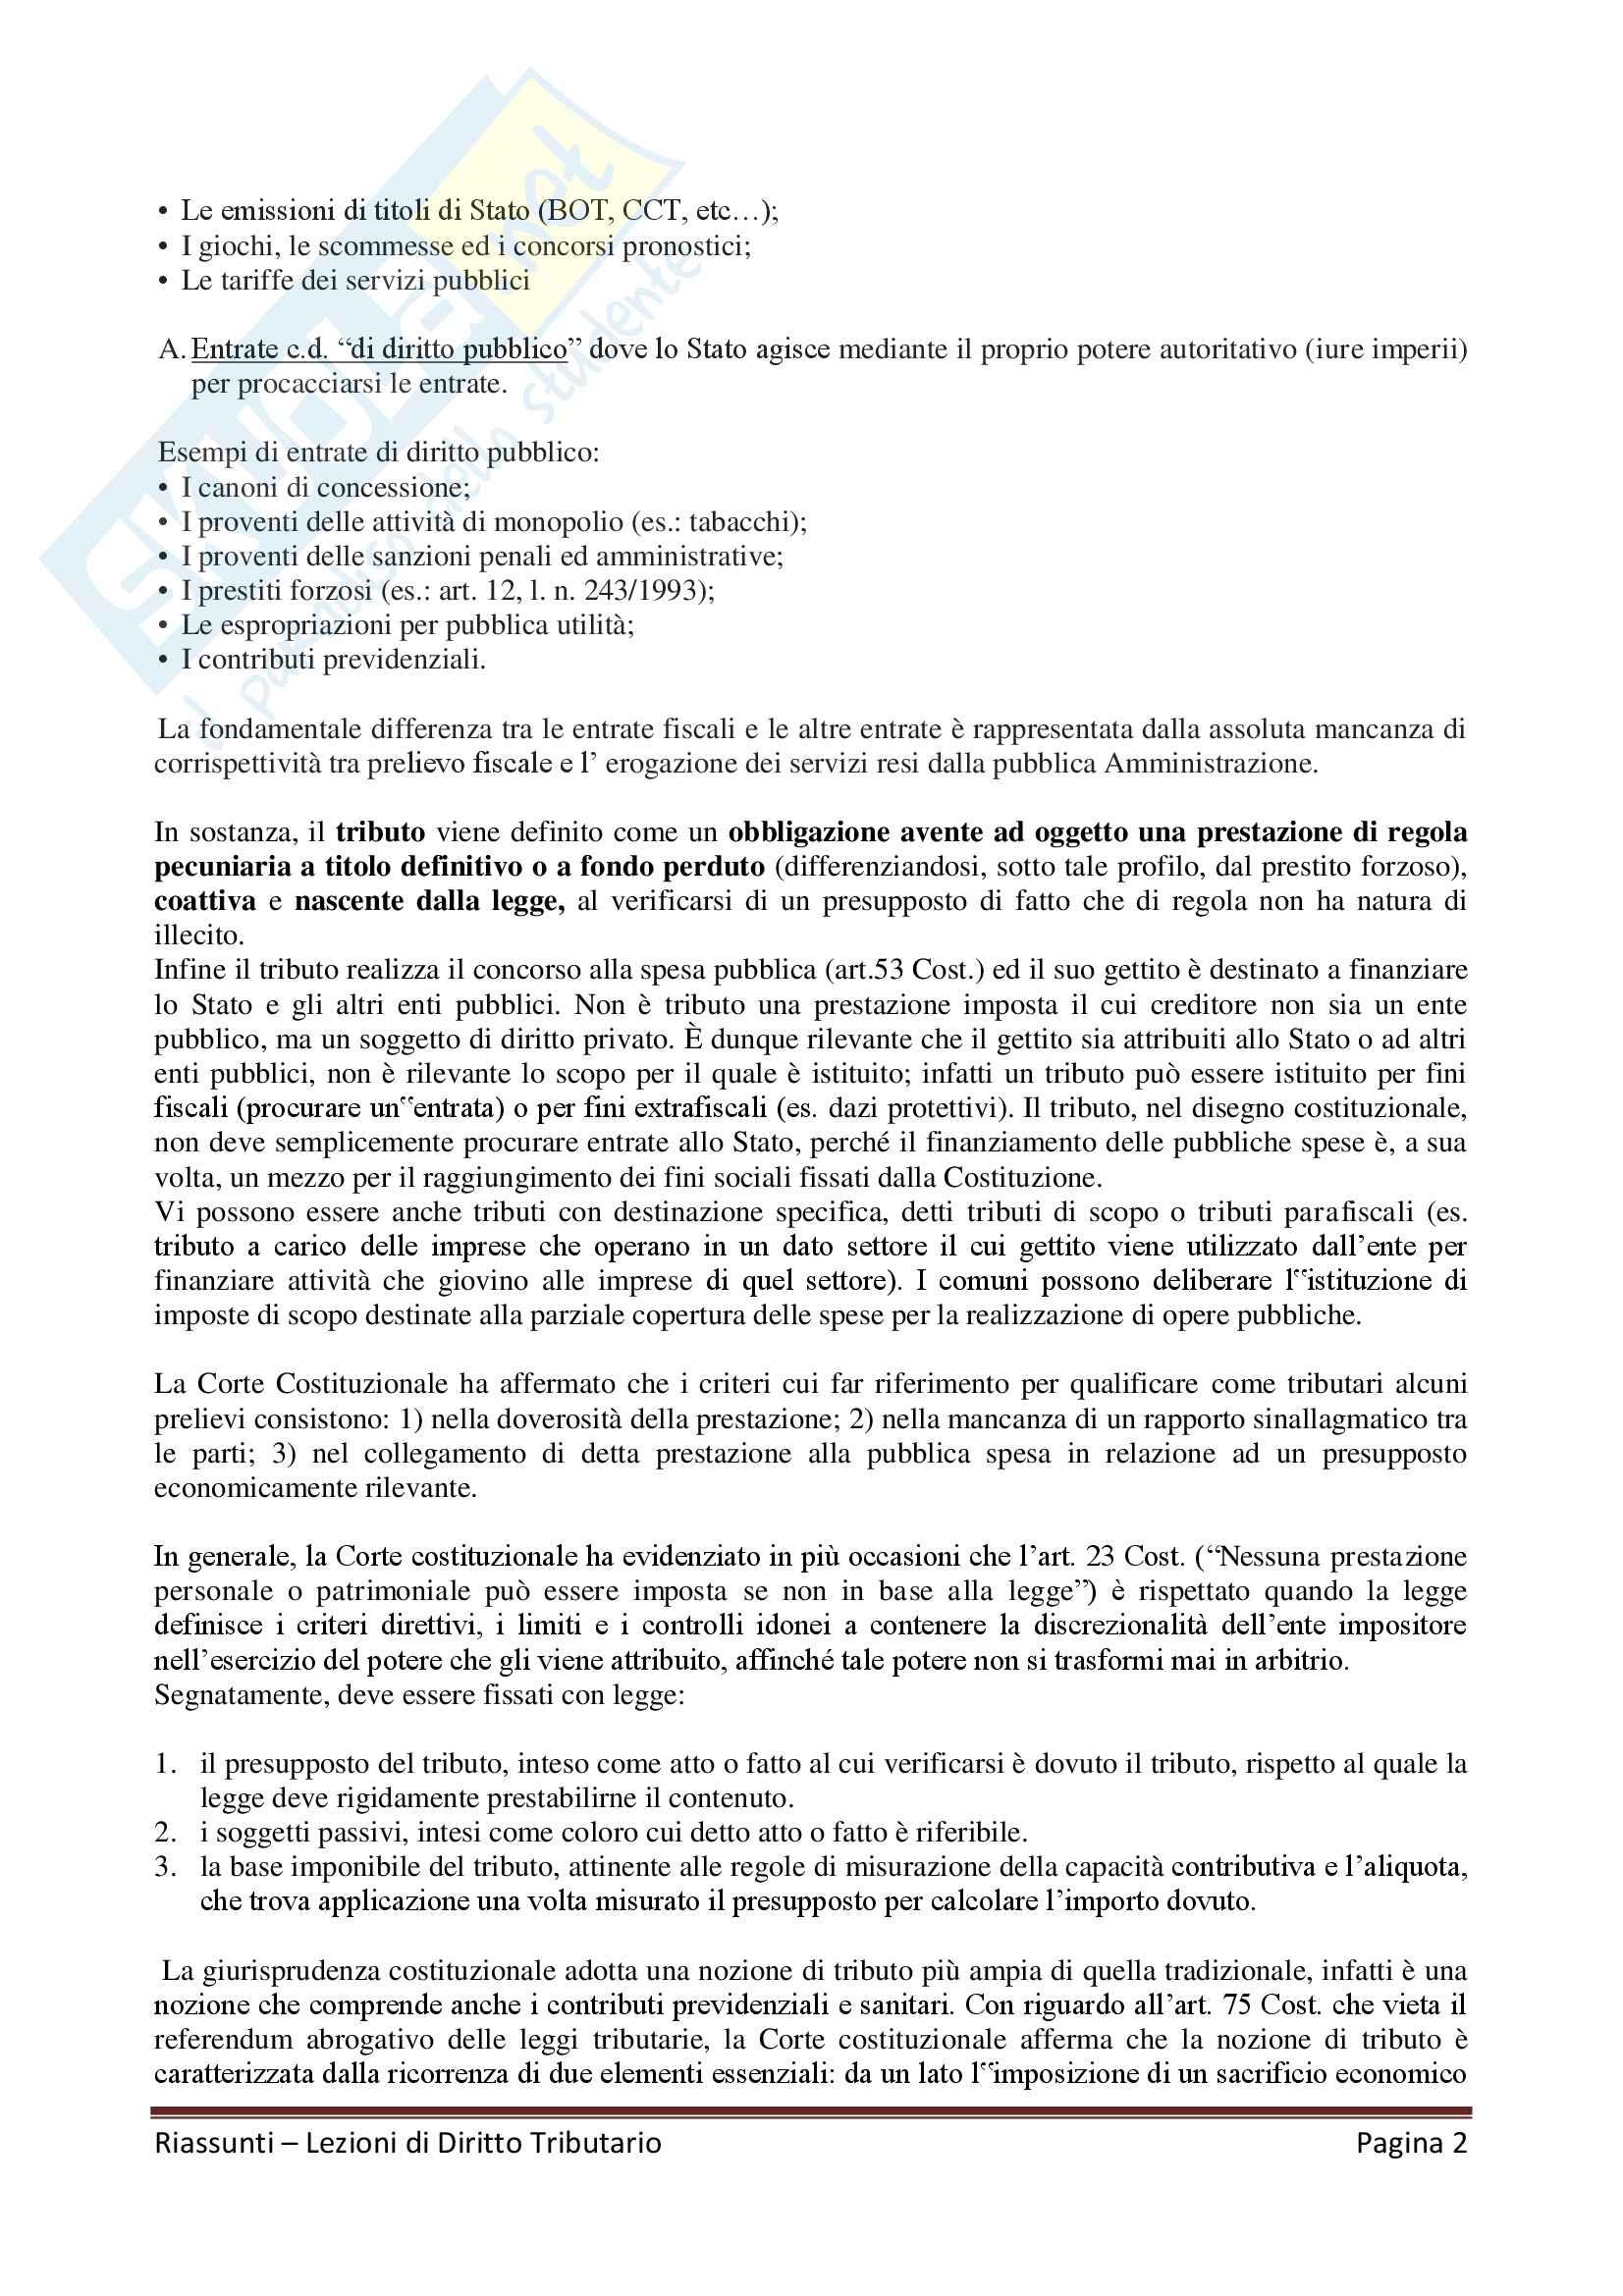 """Riassunto esame Diritto Tributario, Docente G. Melis, libro consigliato """"Lezioni di diritto tributario"""" di G. Melis Pag. 2"""